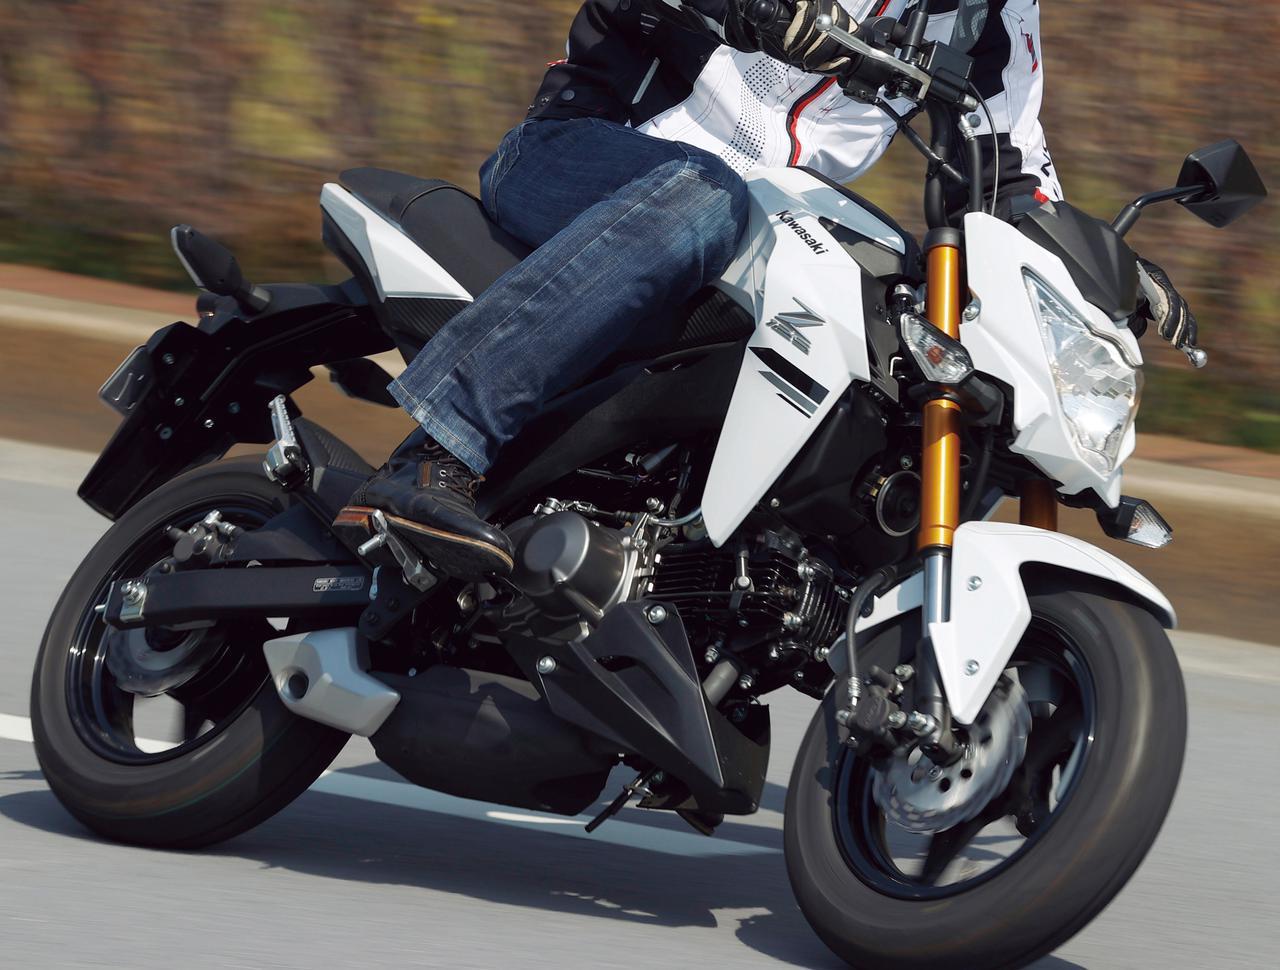 画像1: カワサキ「Z125 PRO」の車両解説&インプレはこちら - webオートバイ